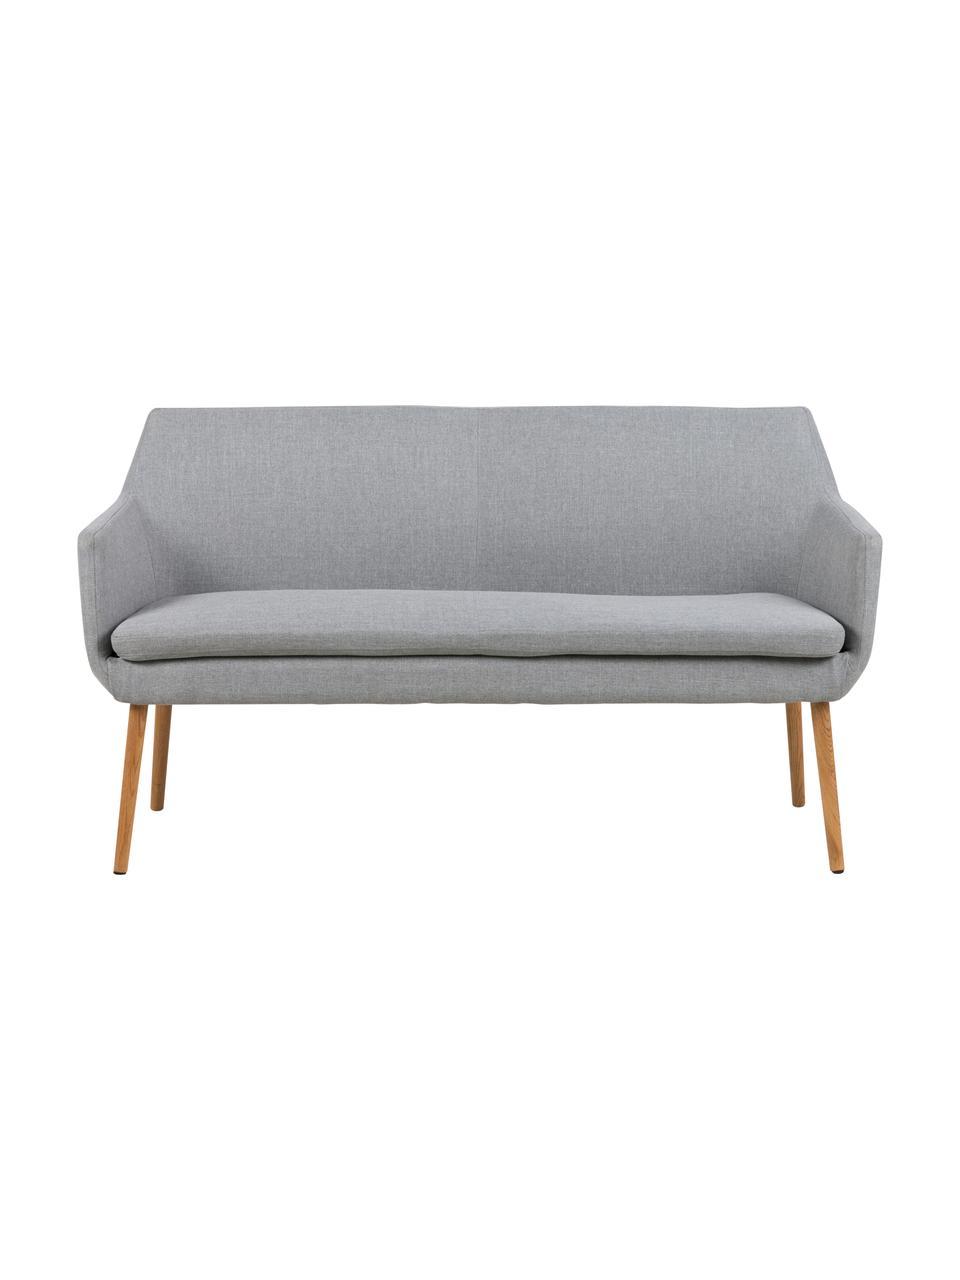 Graue Esszimmerbank Nora mit Lehne, Bezug: 100% Polyester, Gestell: Eichenholz, Webstoff Grau, Beine Eichenholz, 159 x 86 cm